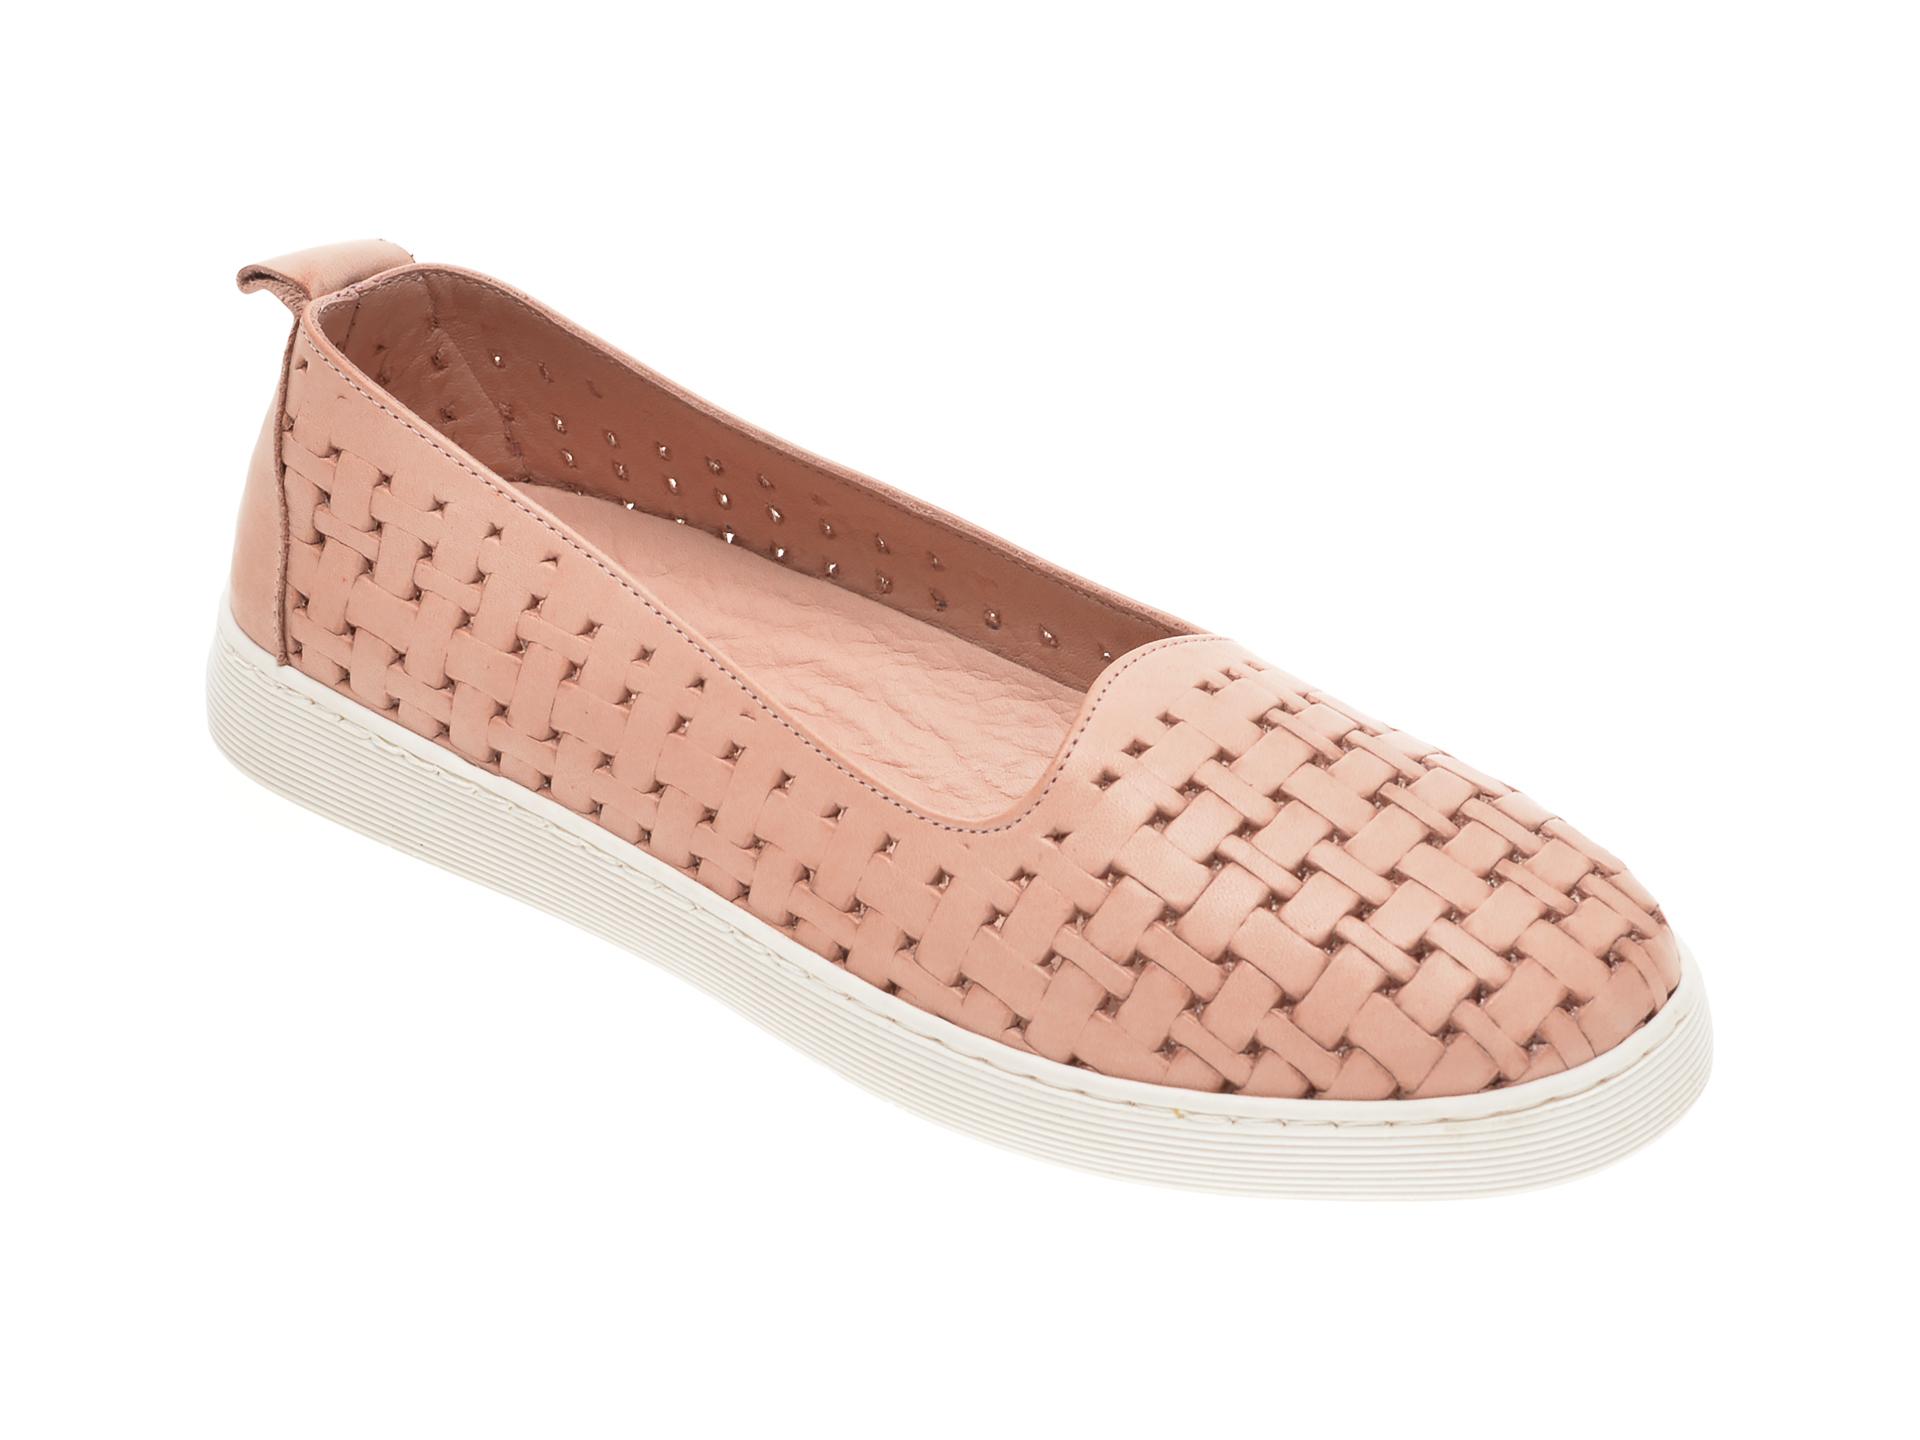 Pantofi BABOOS roz, R13, din piele naturala